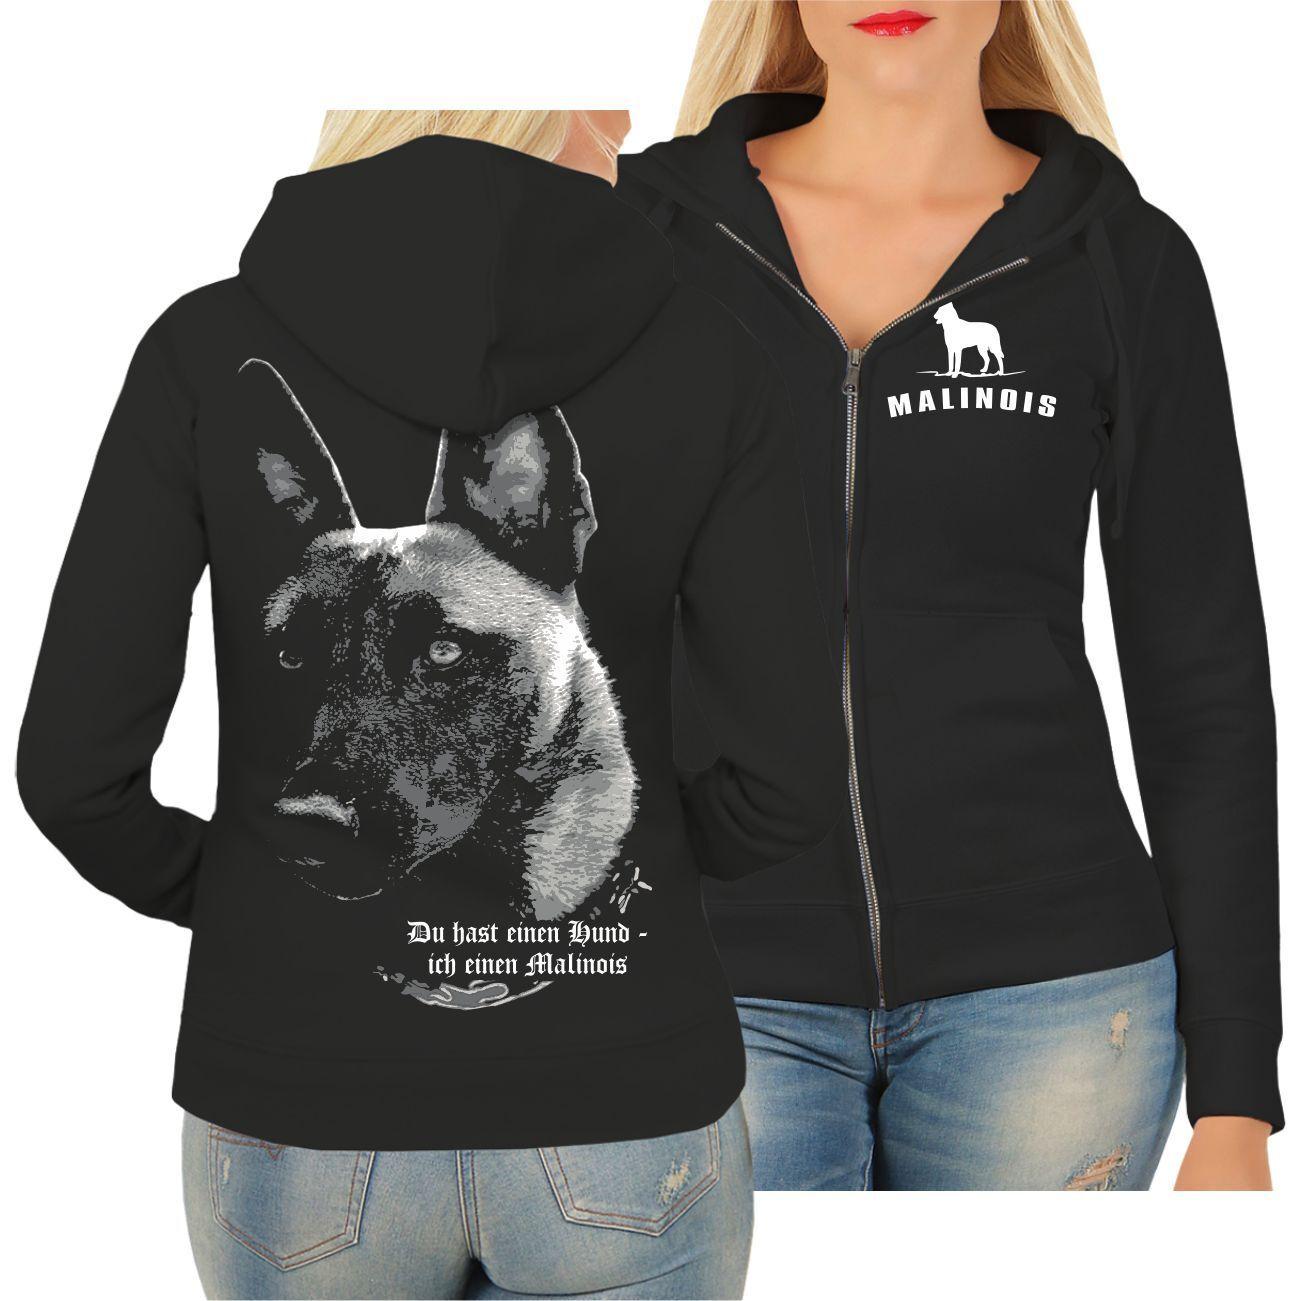 Frauen Kapuzenjacke Malinois - - - Du hast einen Hund Rasse belgischer Schäferhund | Optimaler Preis  | Schöne Kunst  | Um Eine Hohe Bewunderung Gewinnen Und Ist Weit Verbreitet Trusted In-und   6ab686